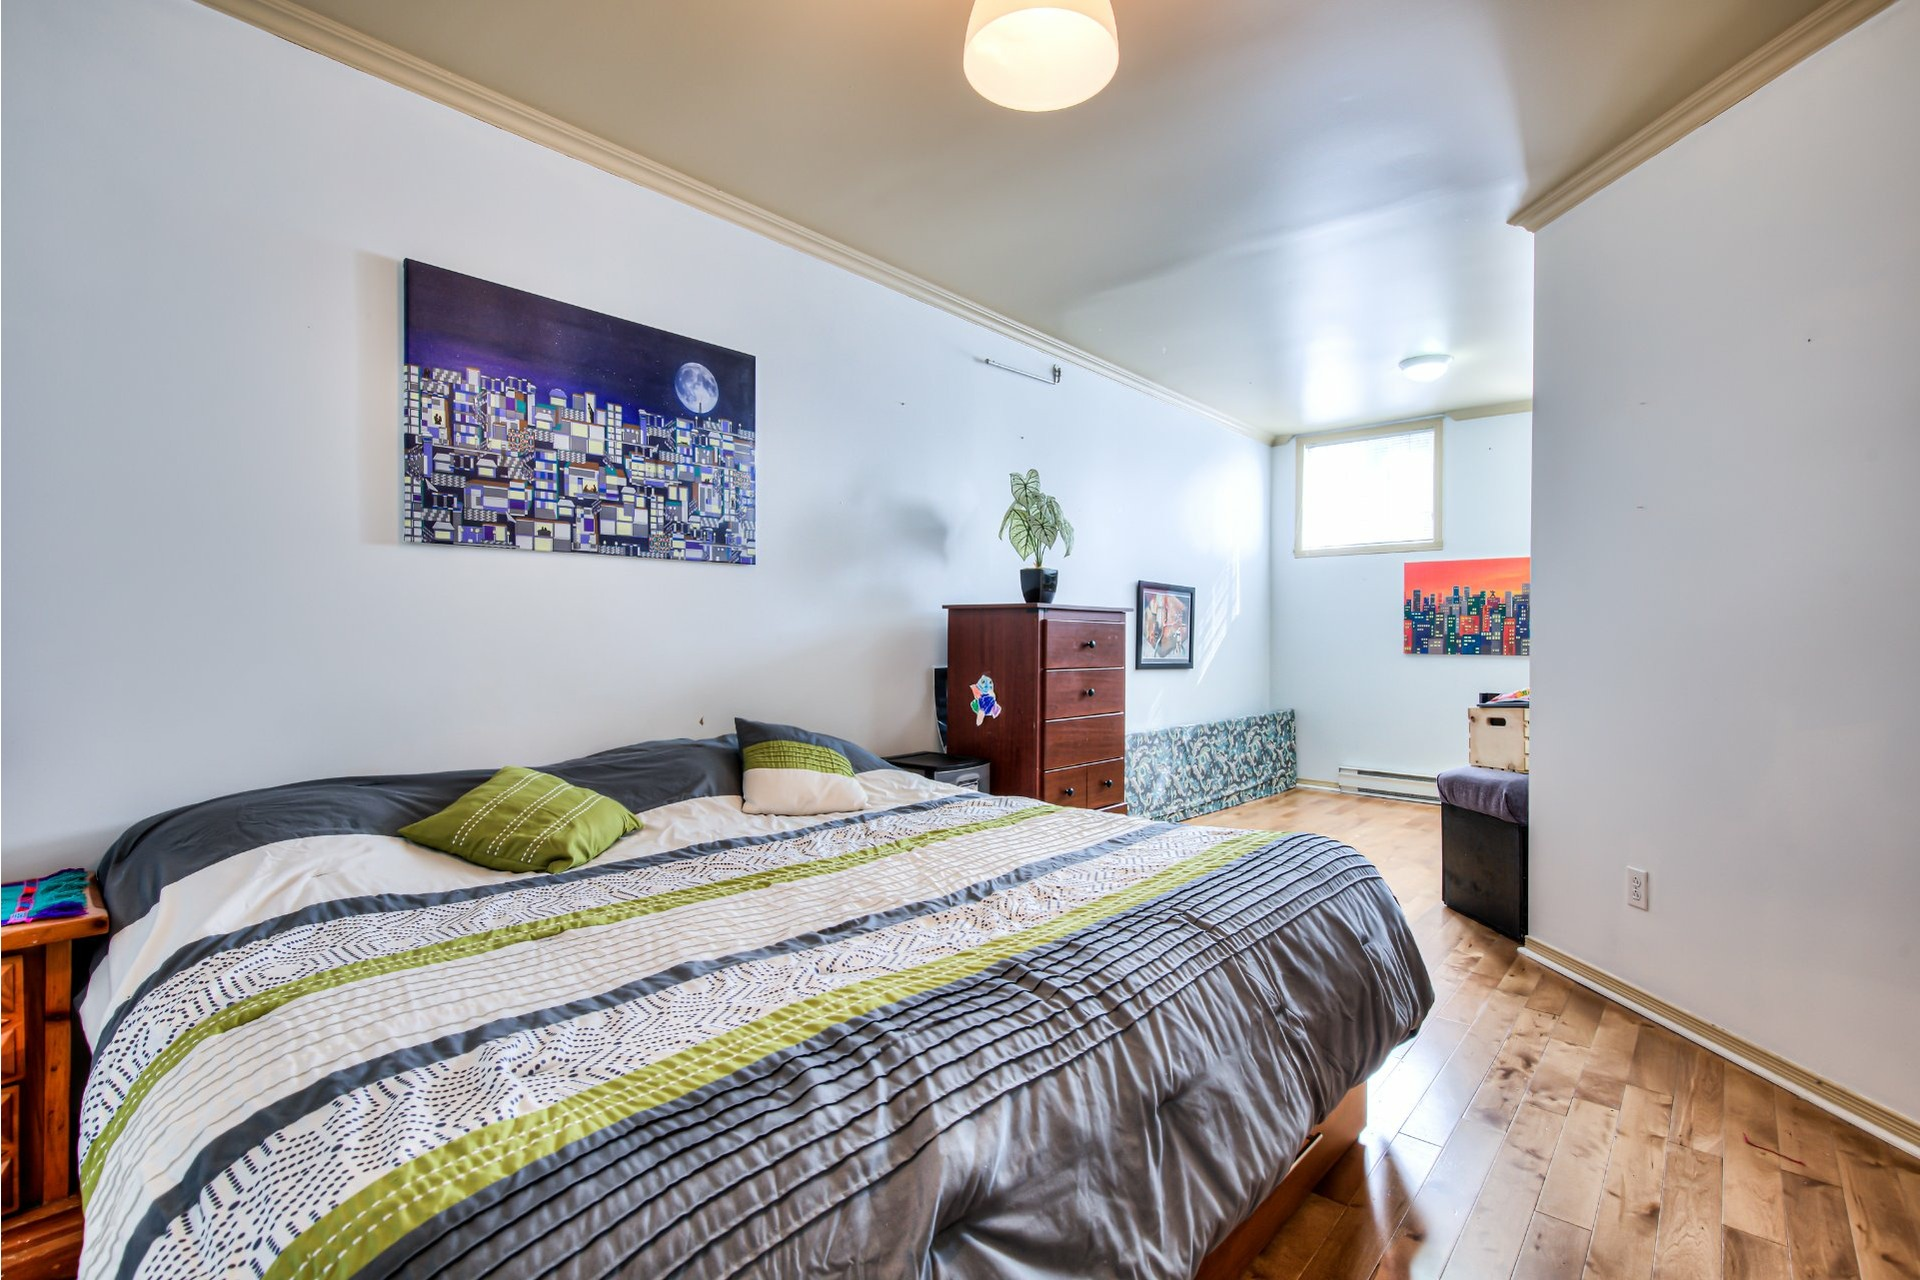 image 14 - Appartement À vendre Ville-Marie Montréal  - 6 pièces